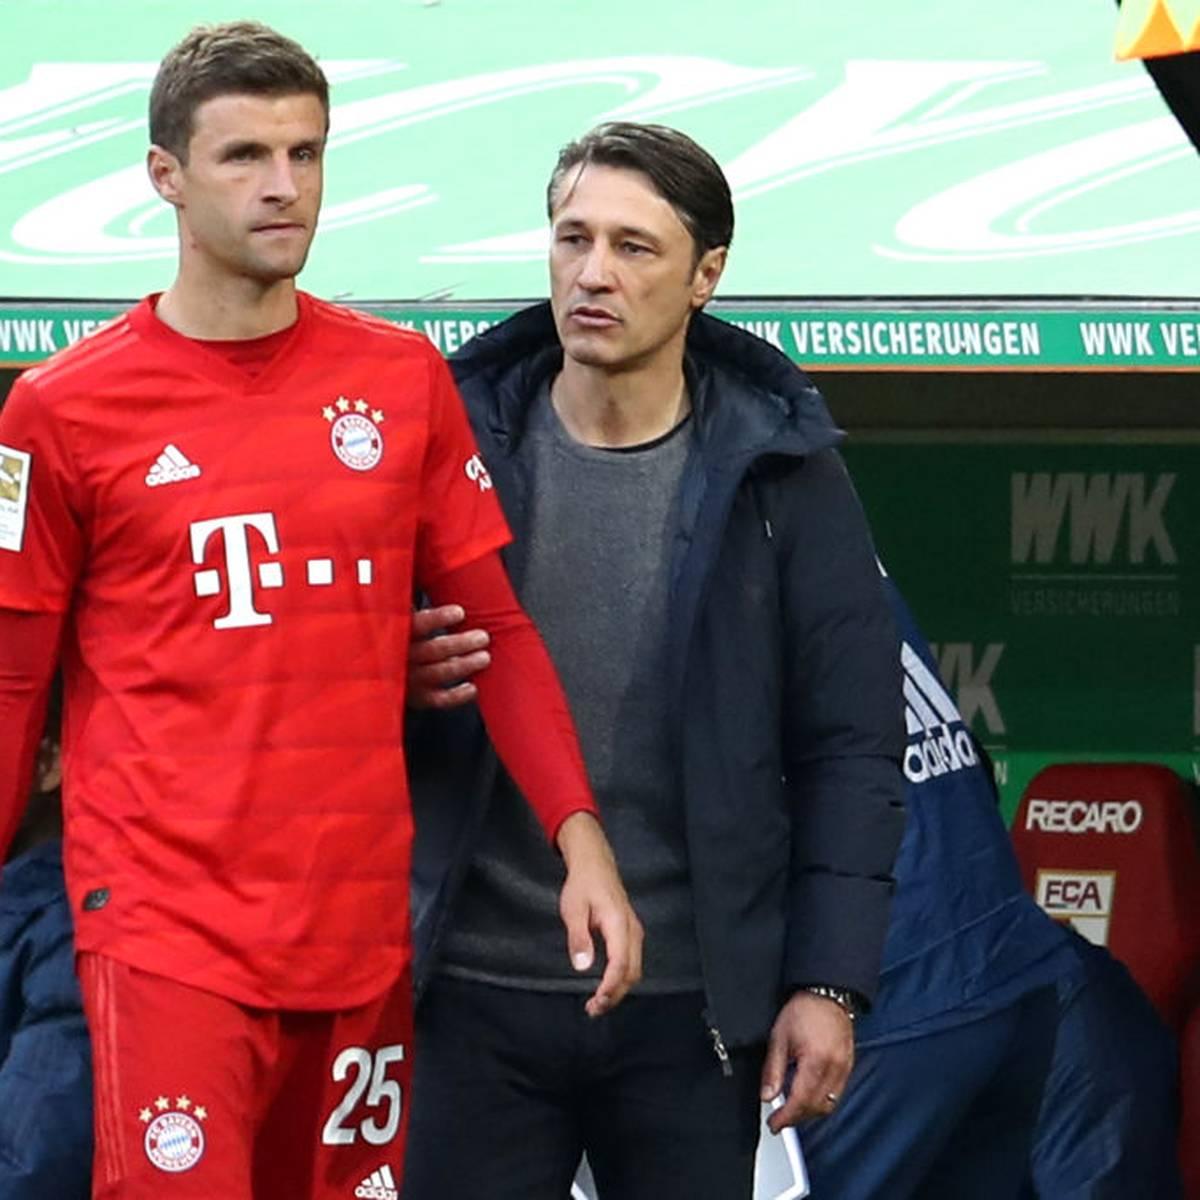 Müller über Degradierung bei Kovac